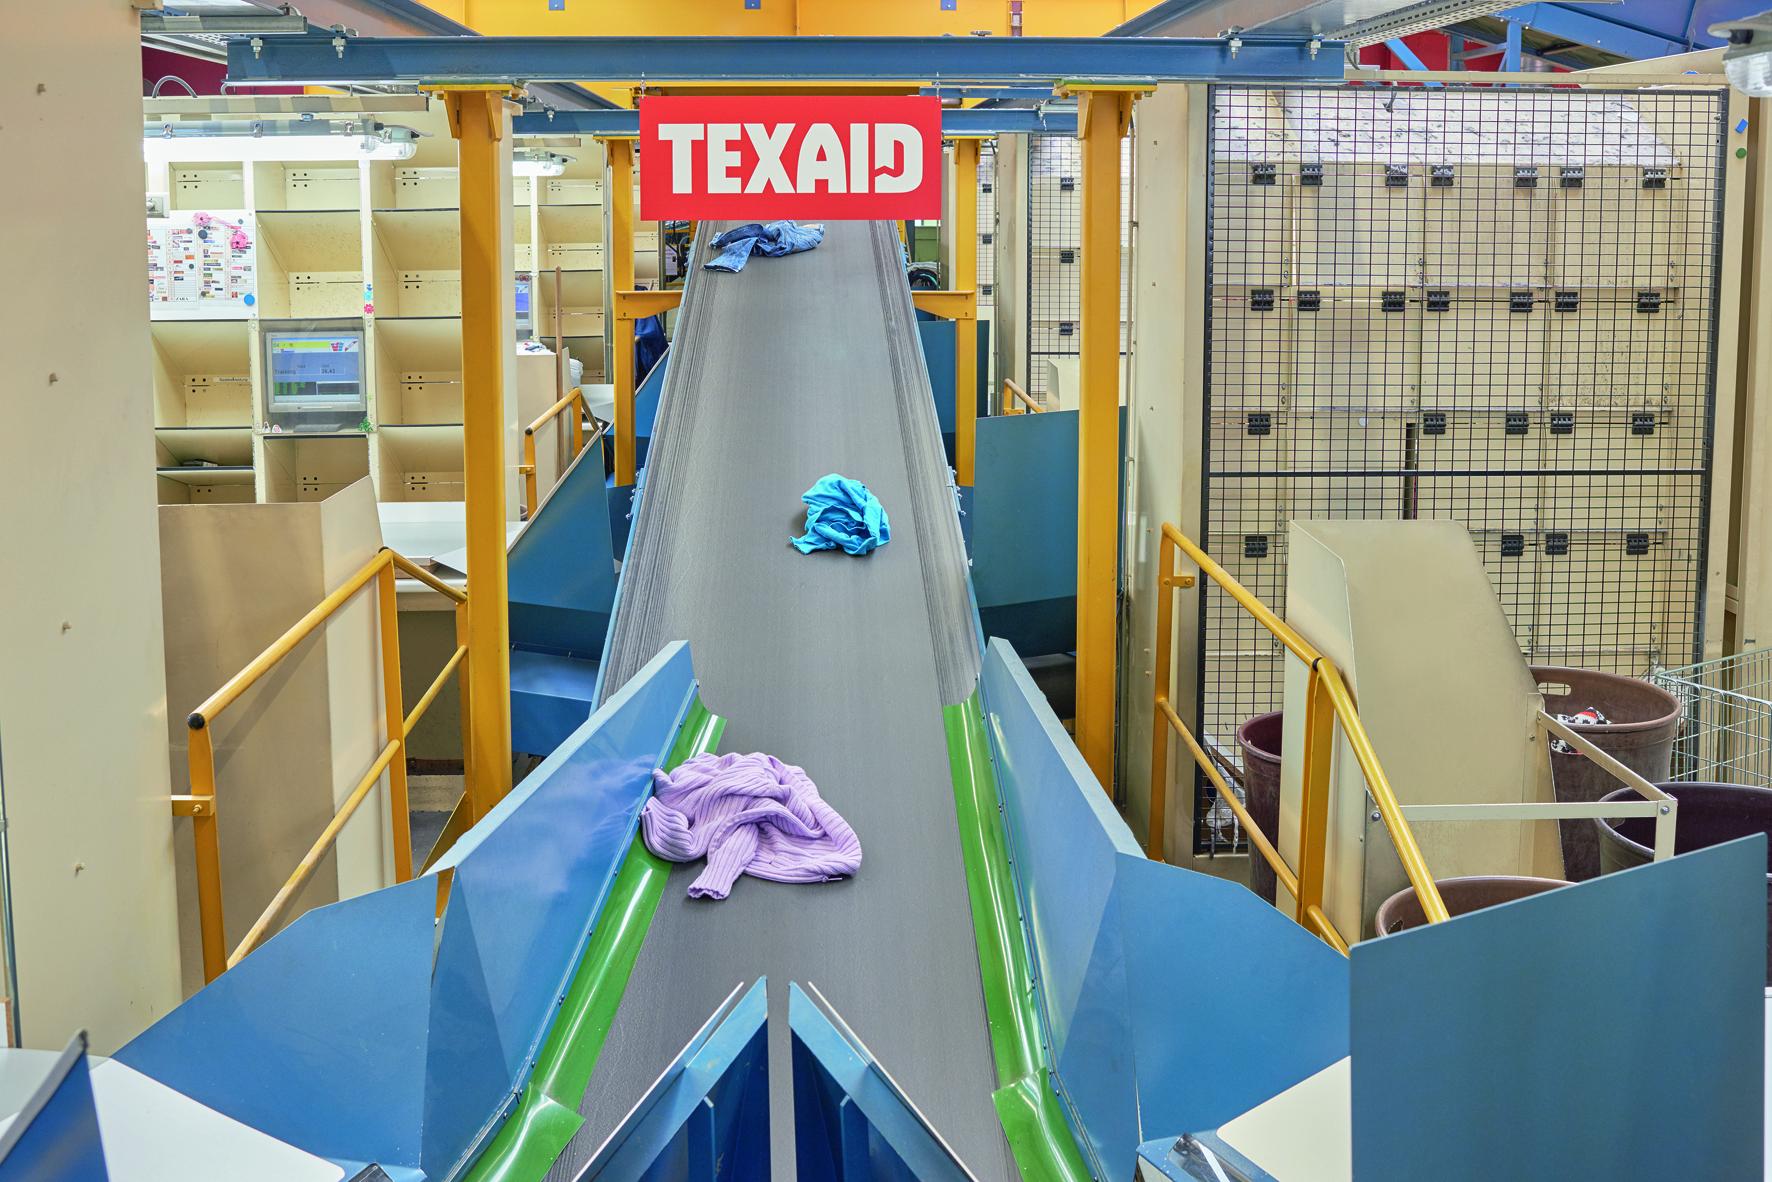 Die Texaid Textilverwertungs-AG hat ihren Sitz in Schattdorf (UR) und verarbeitet hier das Sammelgut weiter. (Bild: zvg)